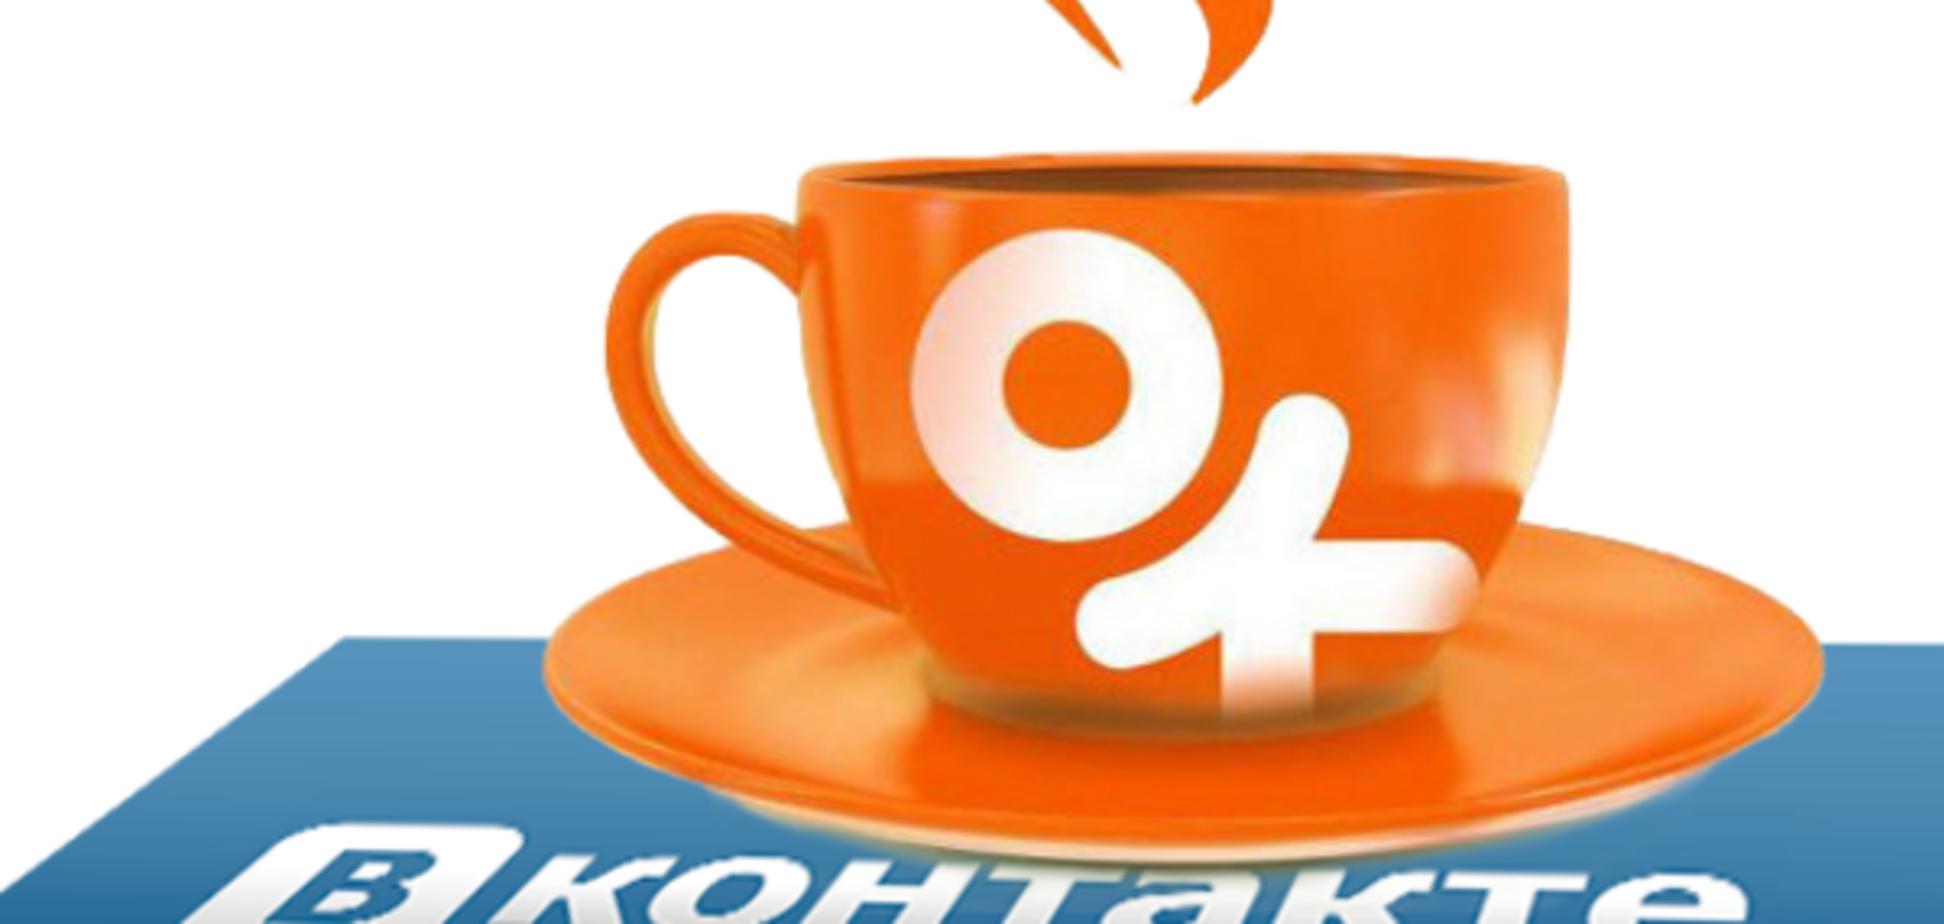 Прощайте, 'Одноклассники': в Украине запретили российские соцсети и телеканалы